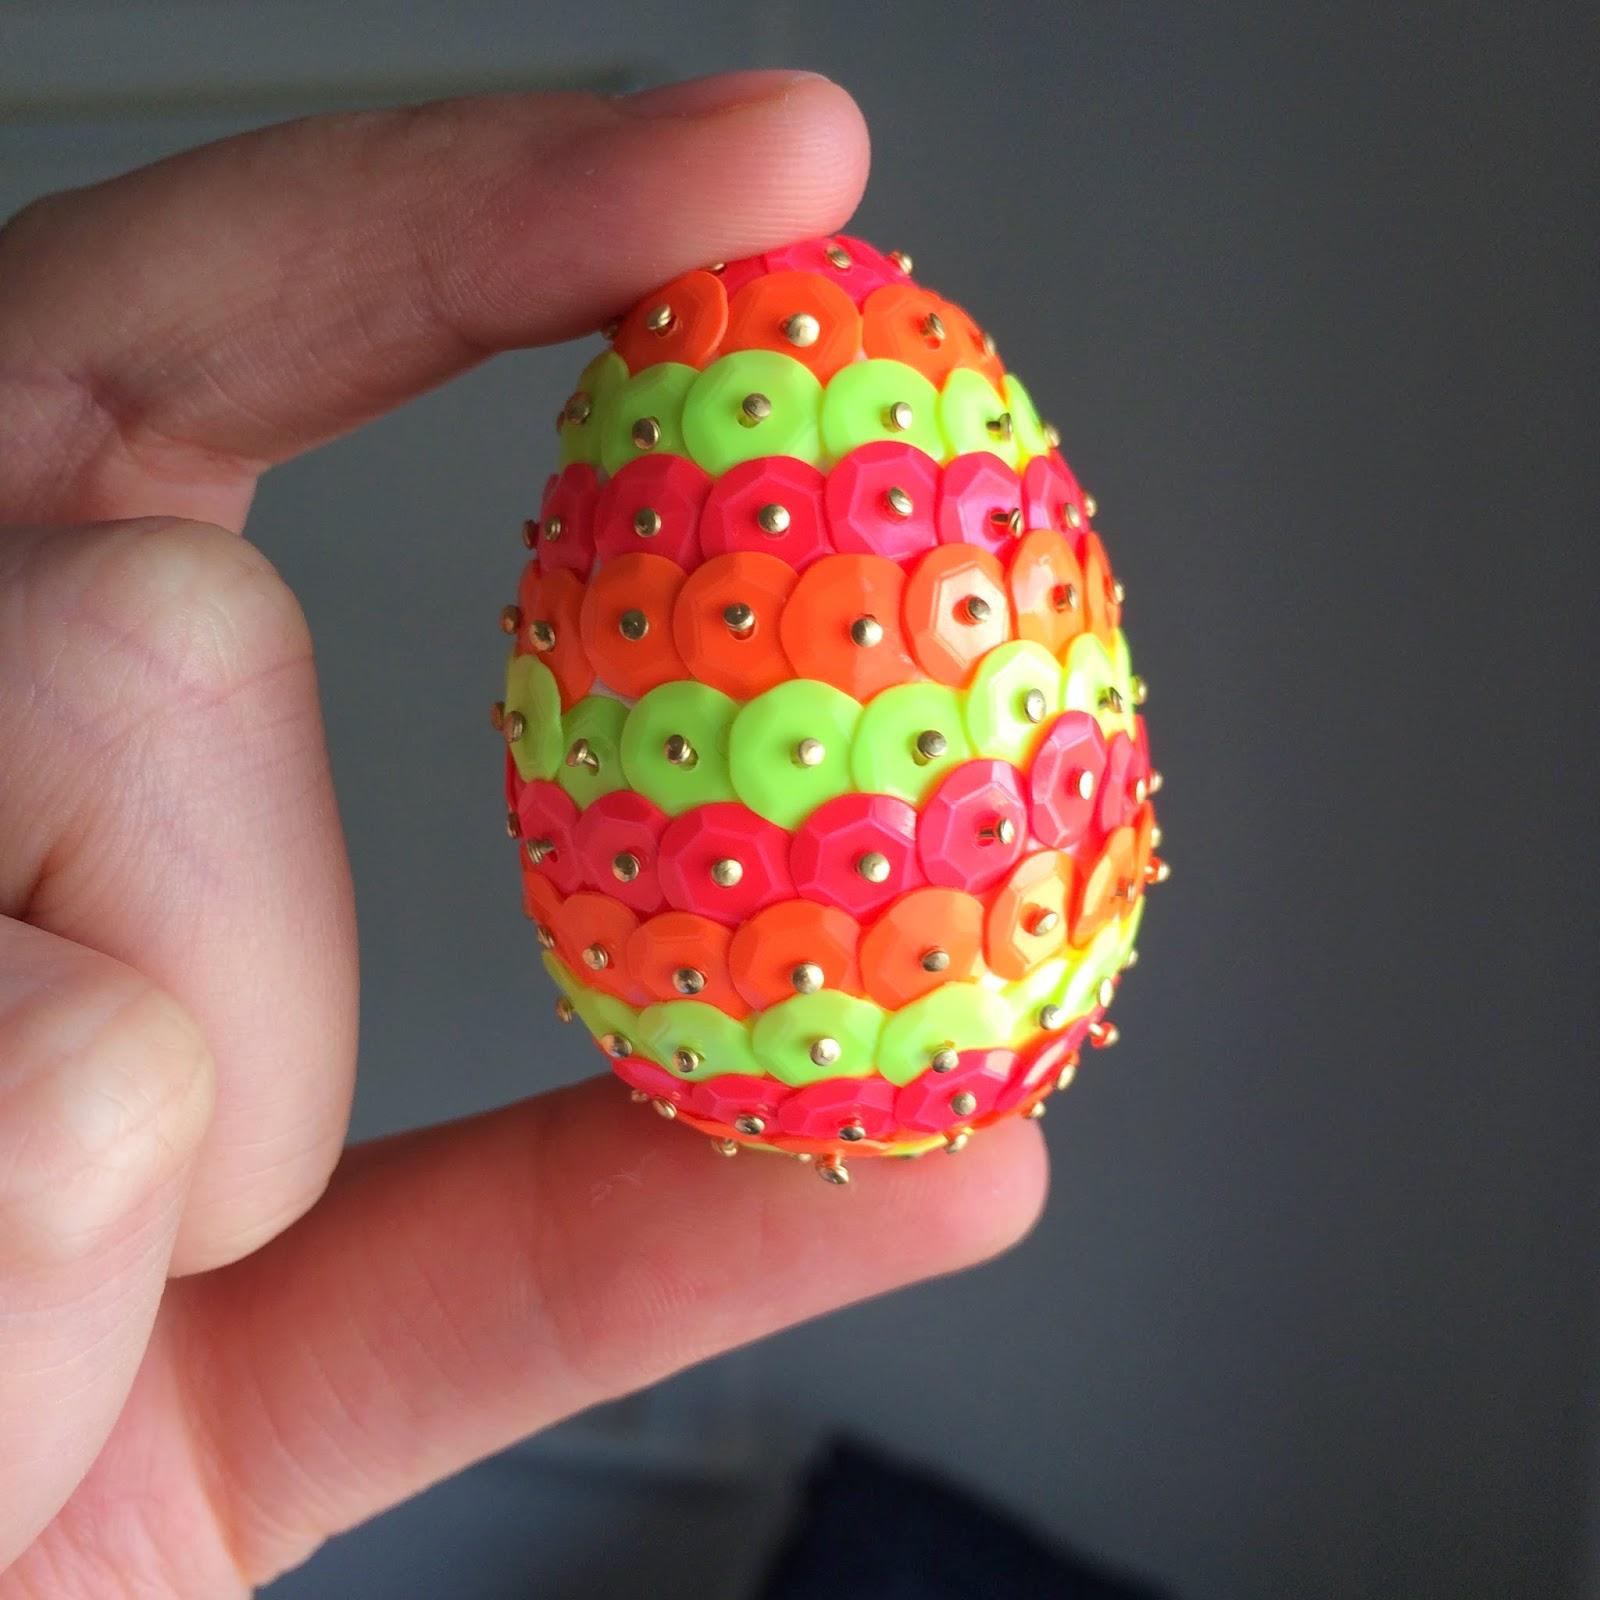 http://froggooseandbear.blogspot.com.au/2014/04/fluoro-bling-bling-easter-eggs.html